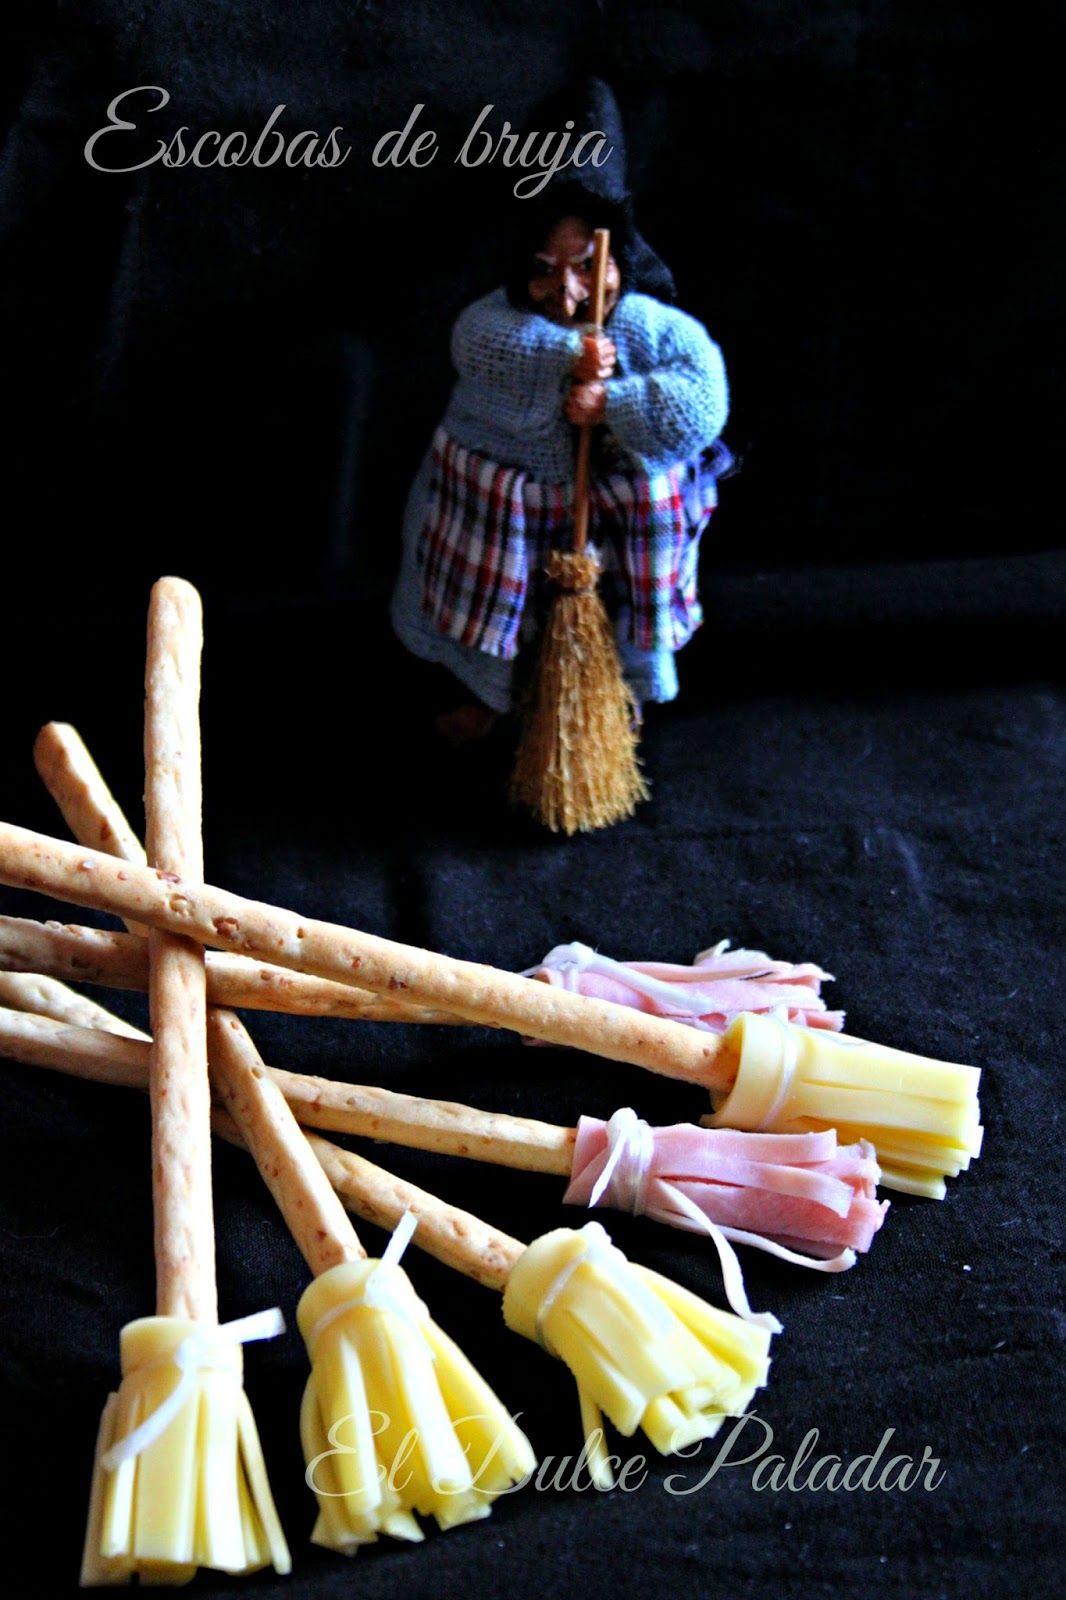 El dulce paladar: Escobas de bruja